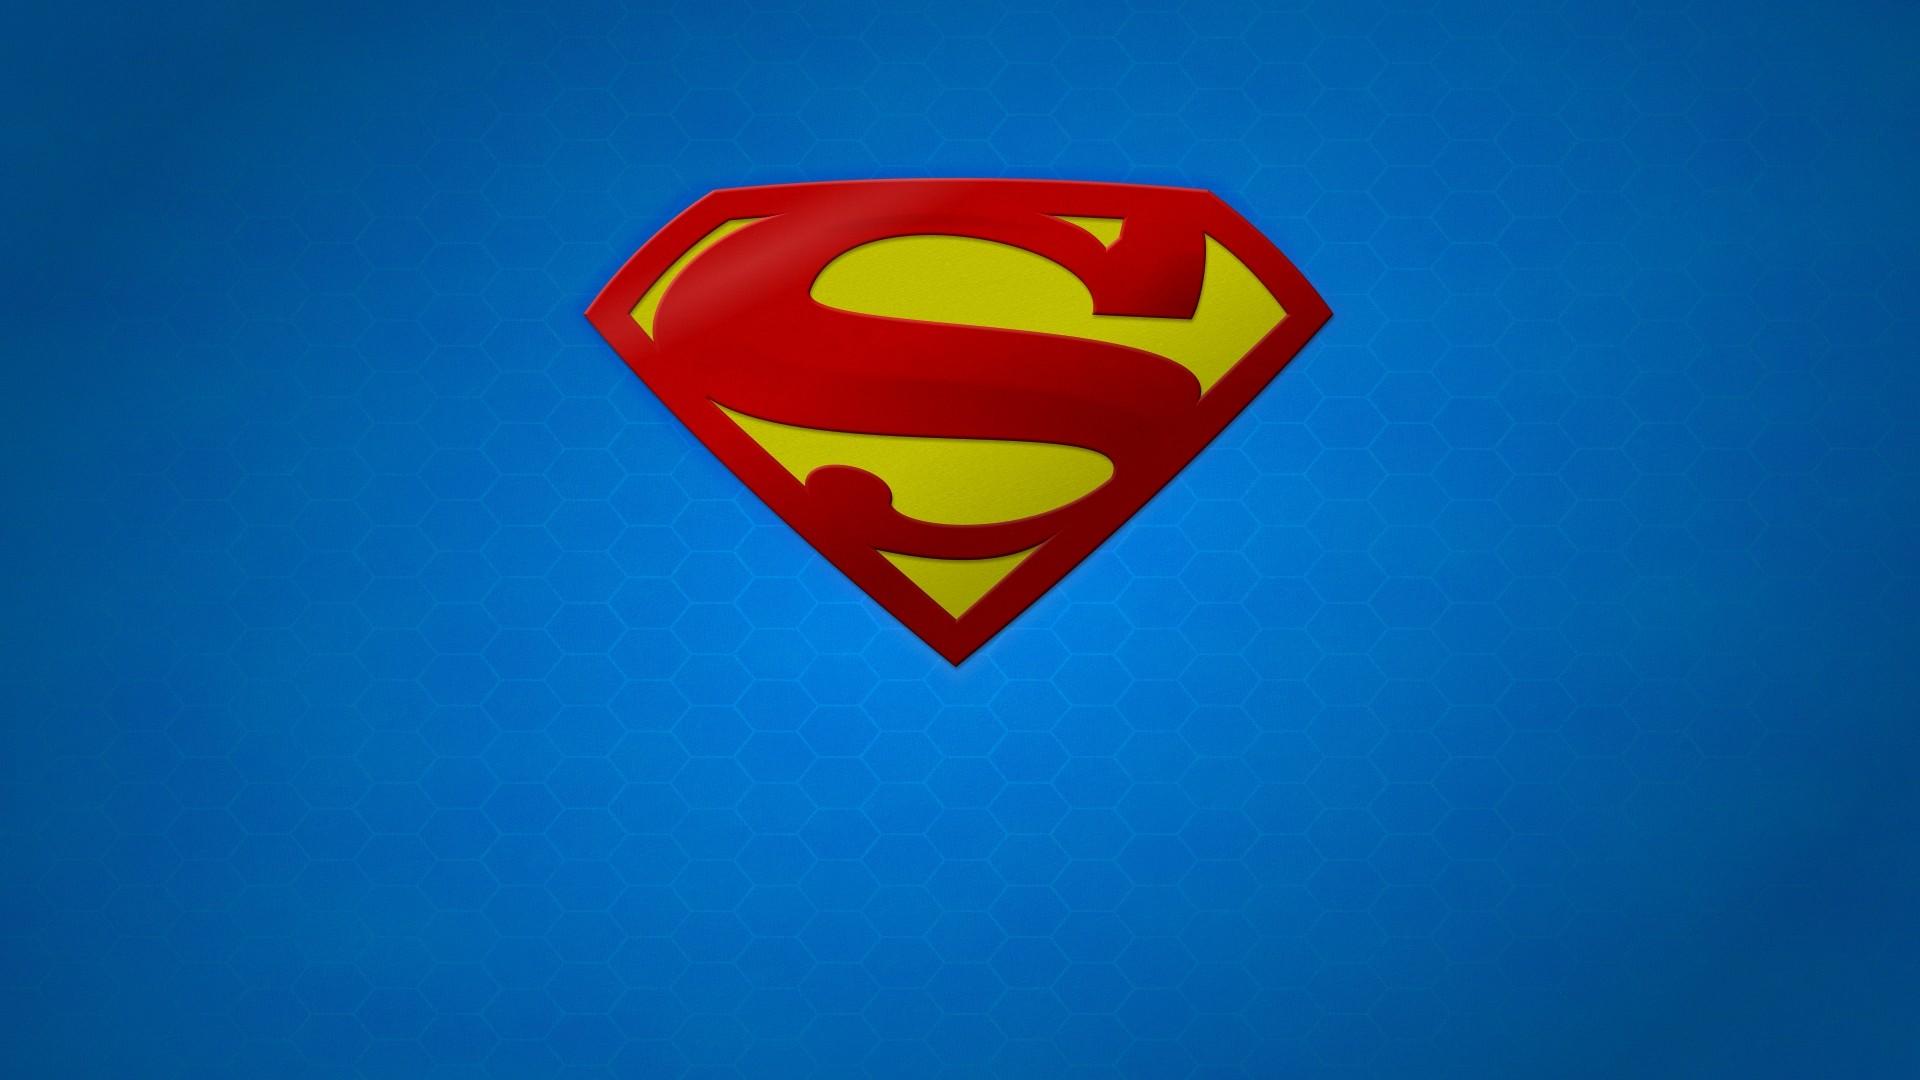 Superman Iphone 5 Wallpaper 3d Superman Wallpaper 57 Images